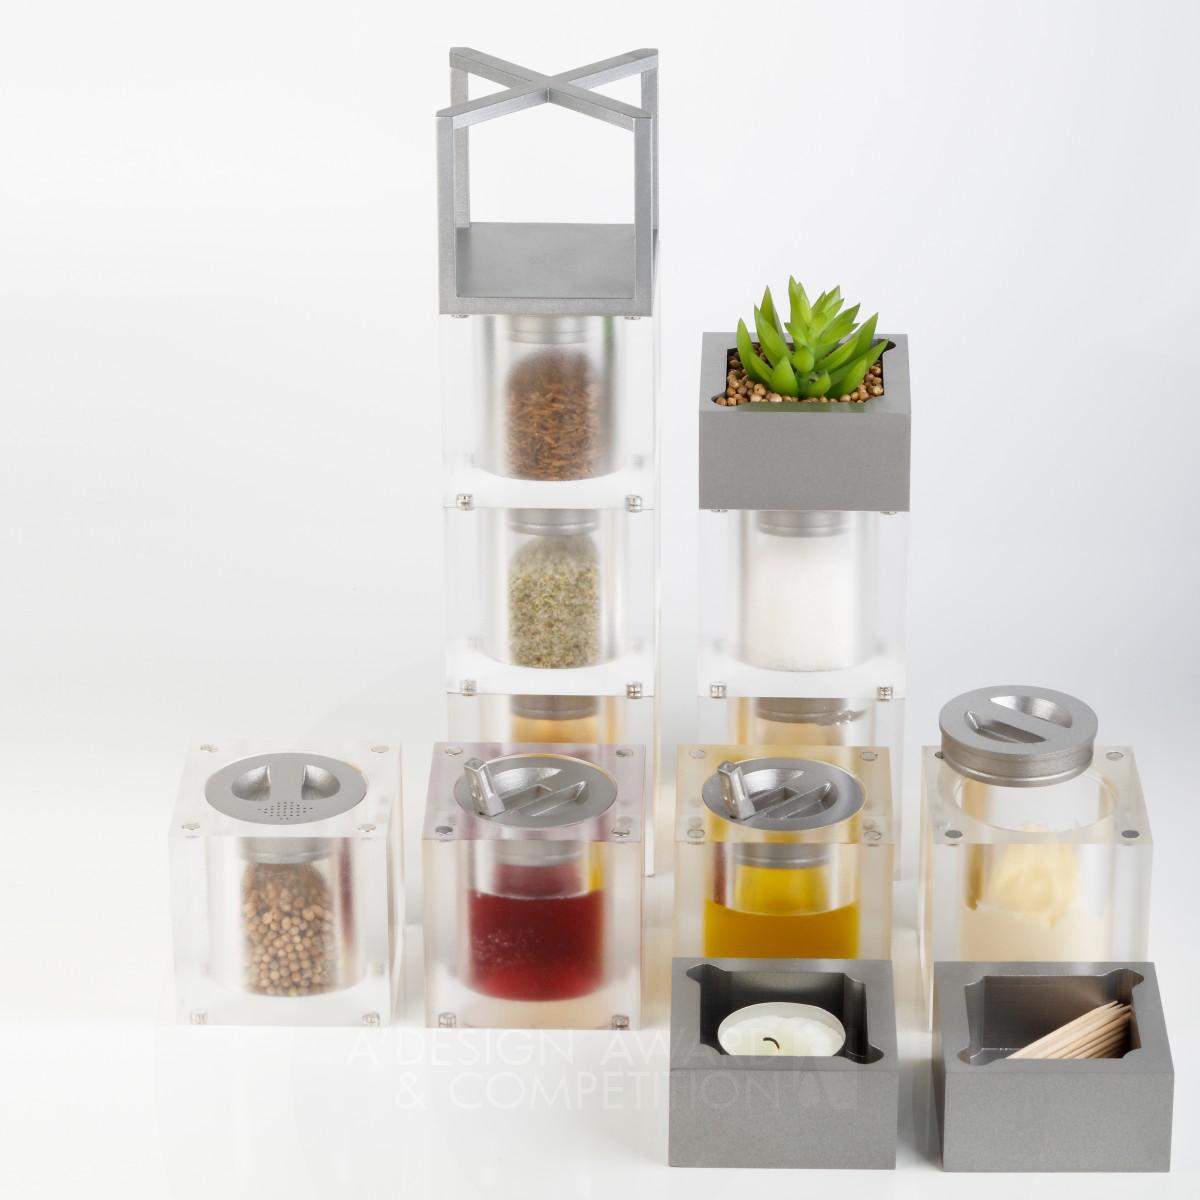 Saladice Condiment container